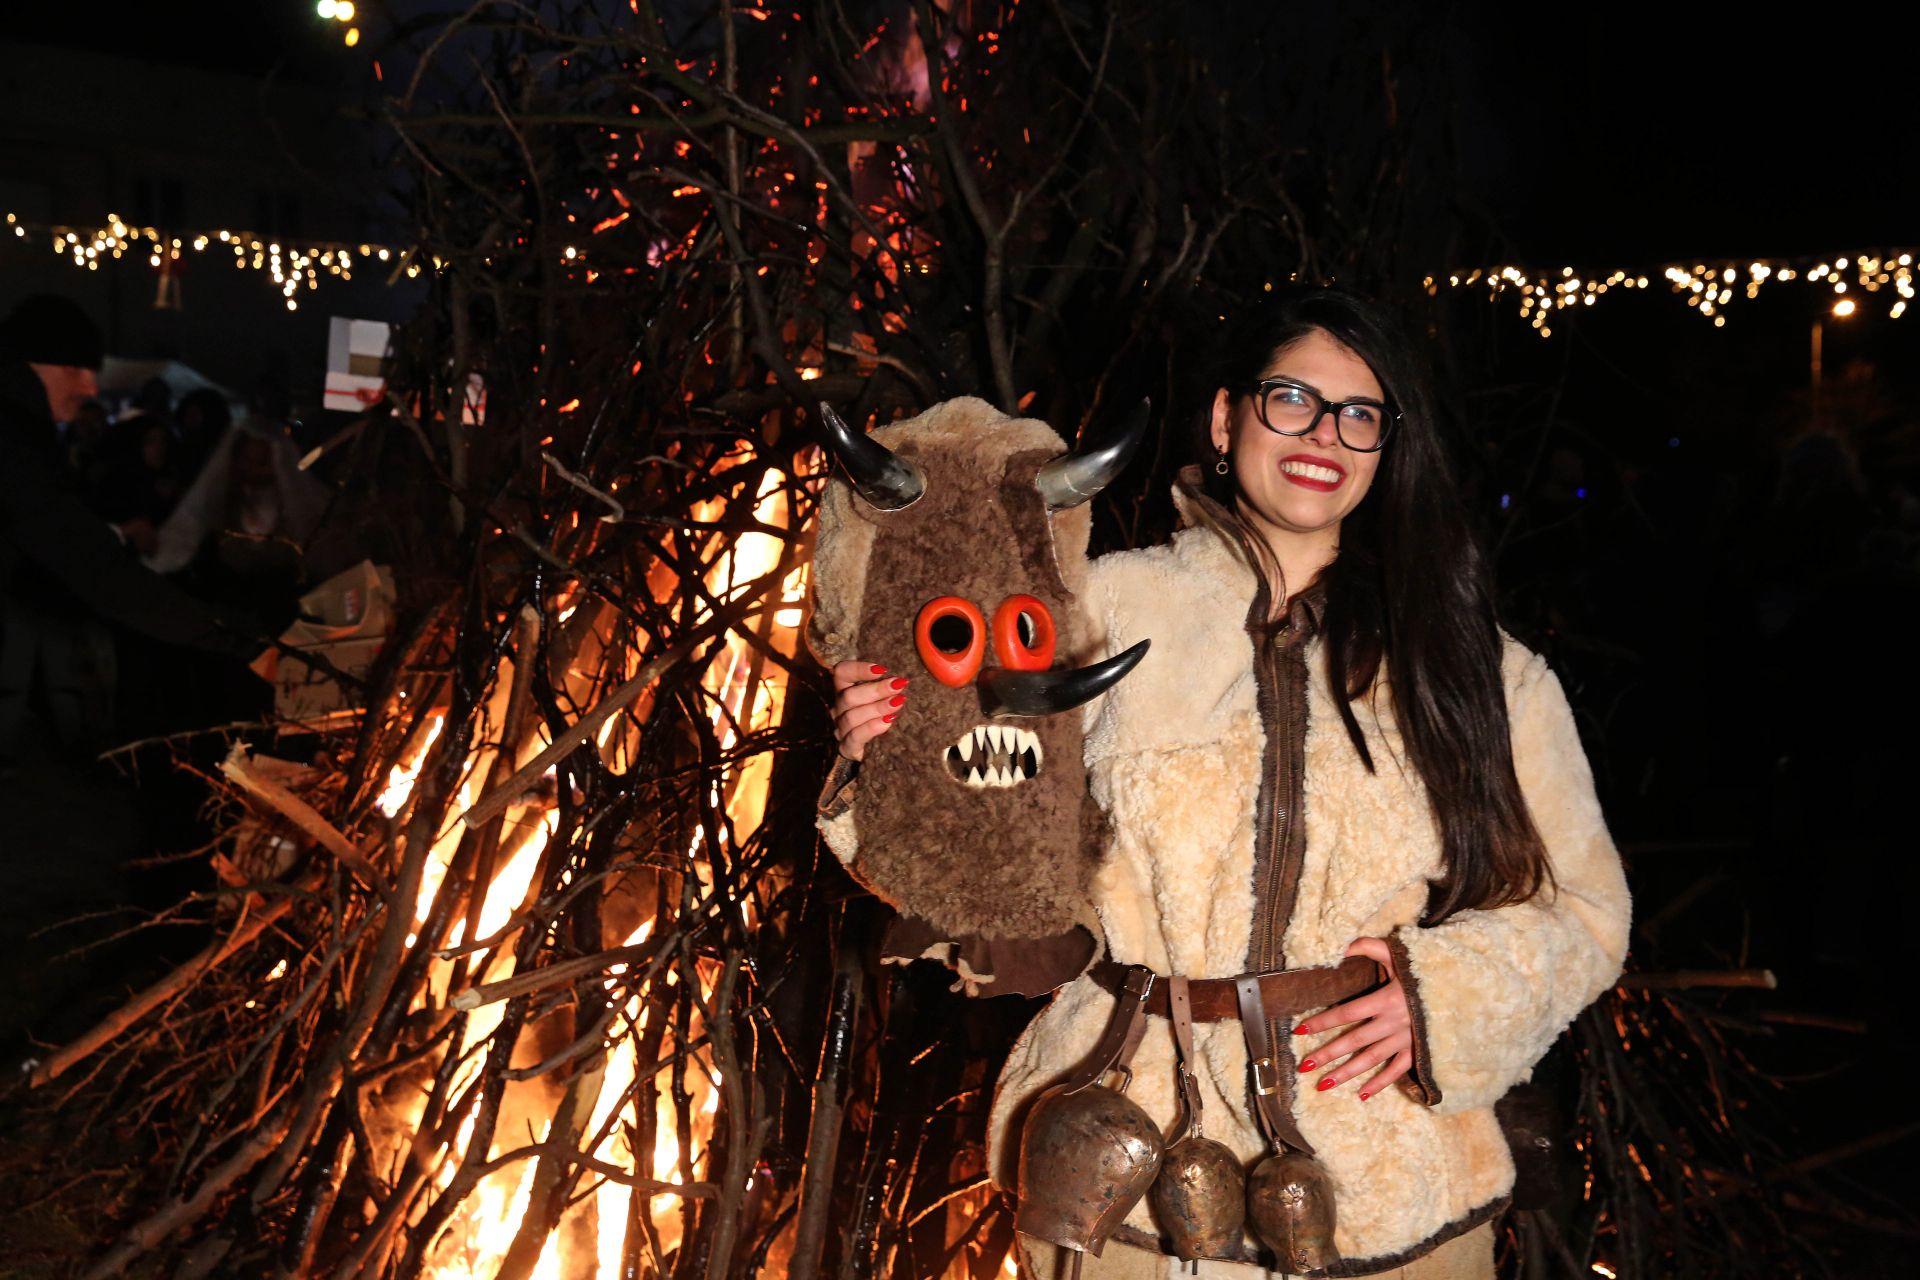 Ритуалните шествия с кукери в село Батановци преминаха при строги противоепидемични мерки.